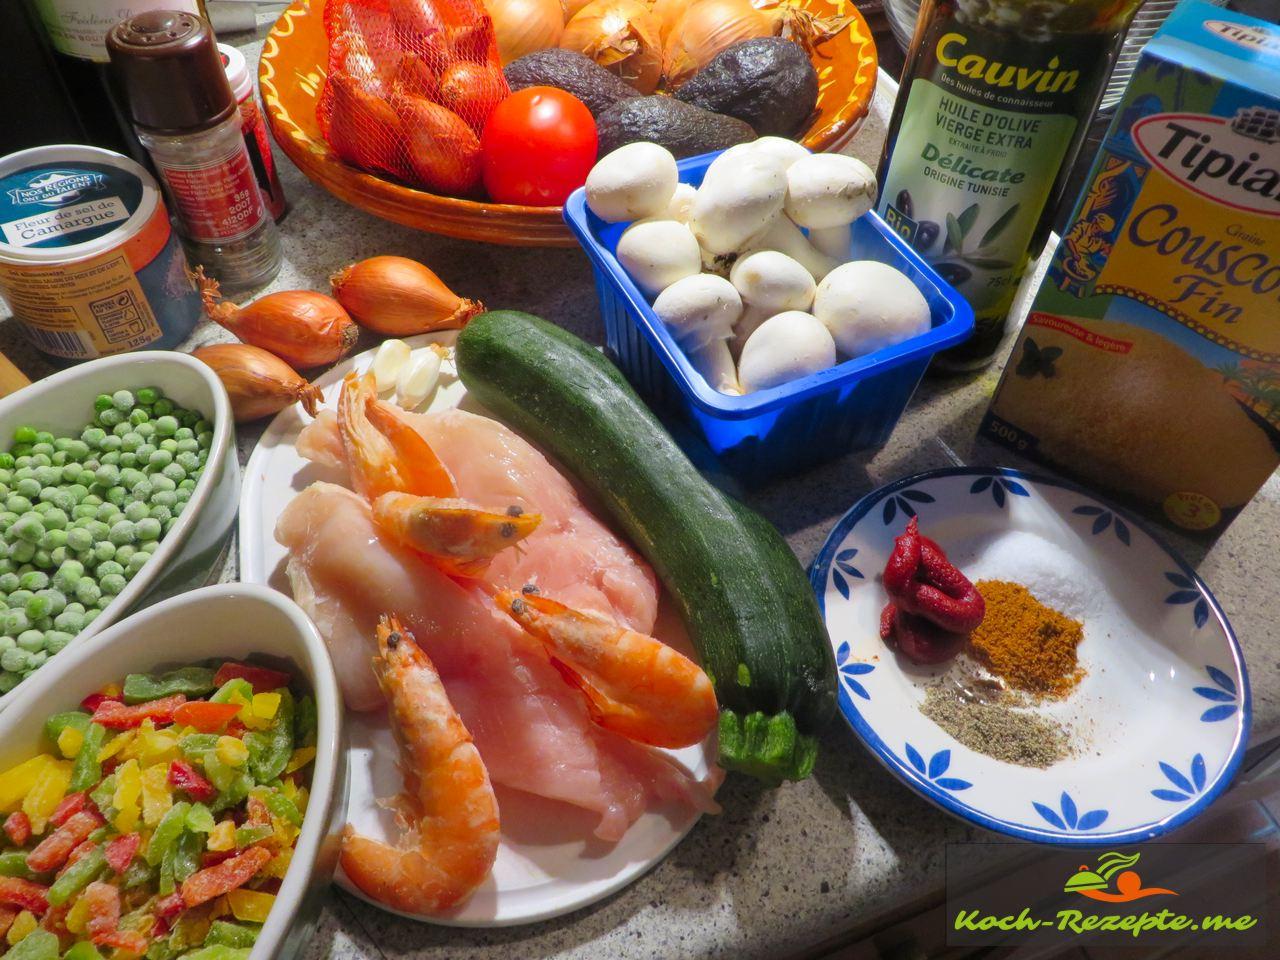 Zutaten Rezept Couscous Huhn Garnelen aus der schnellen französischen Küche.